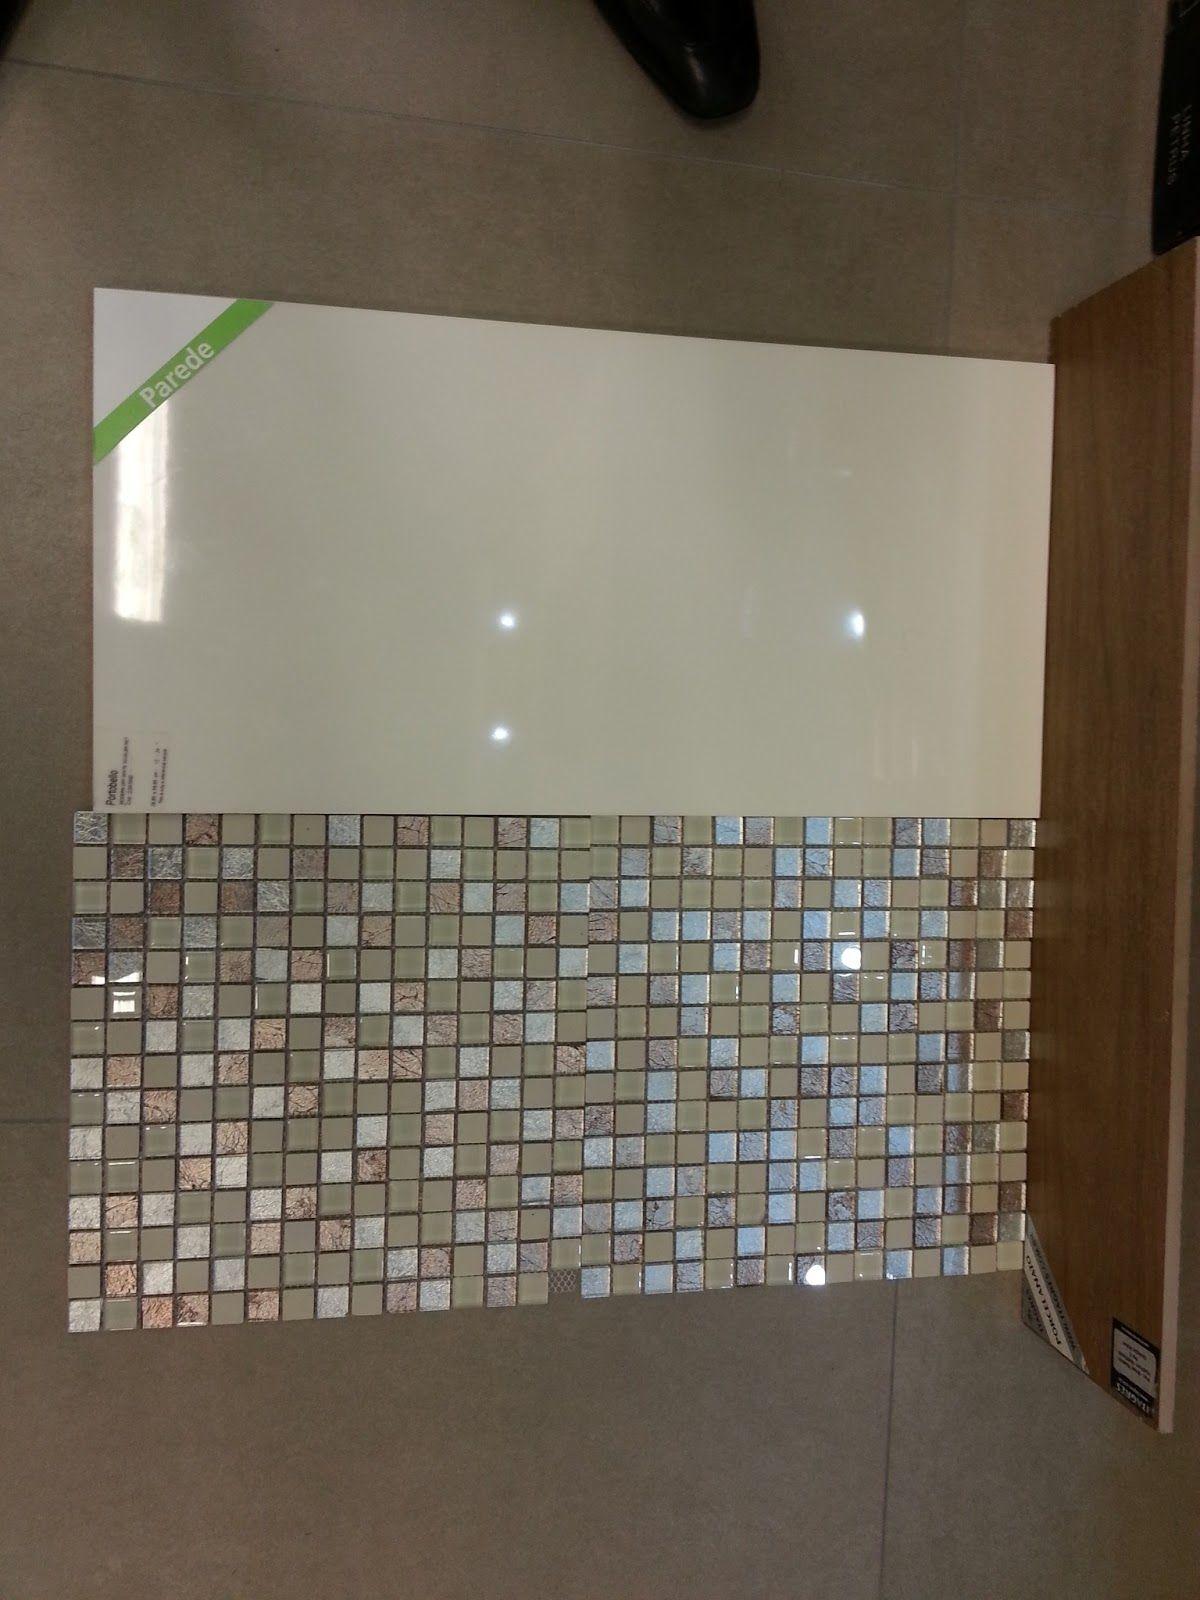 Ideas For Porcelanato Madeira Banheiro Banheiro Com Pastilha #463828 1200x1600 Banheiro Com Porcelanato De Madeira